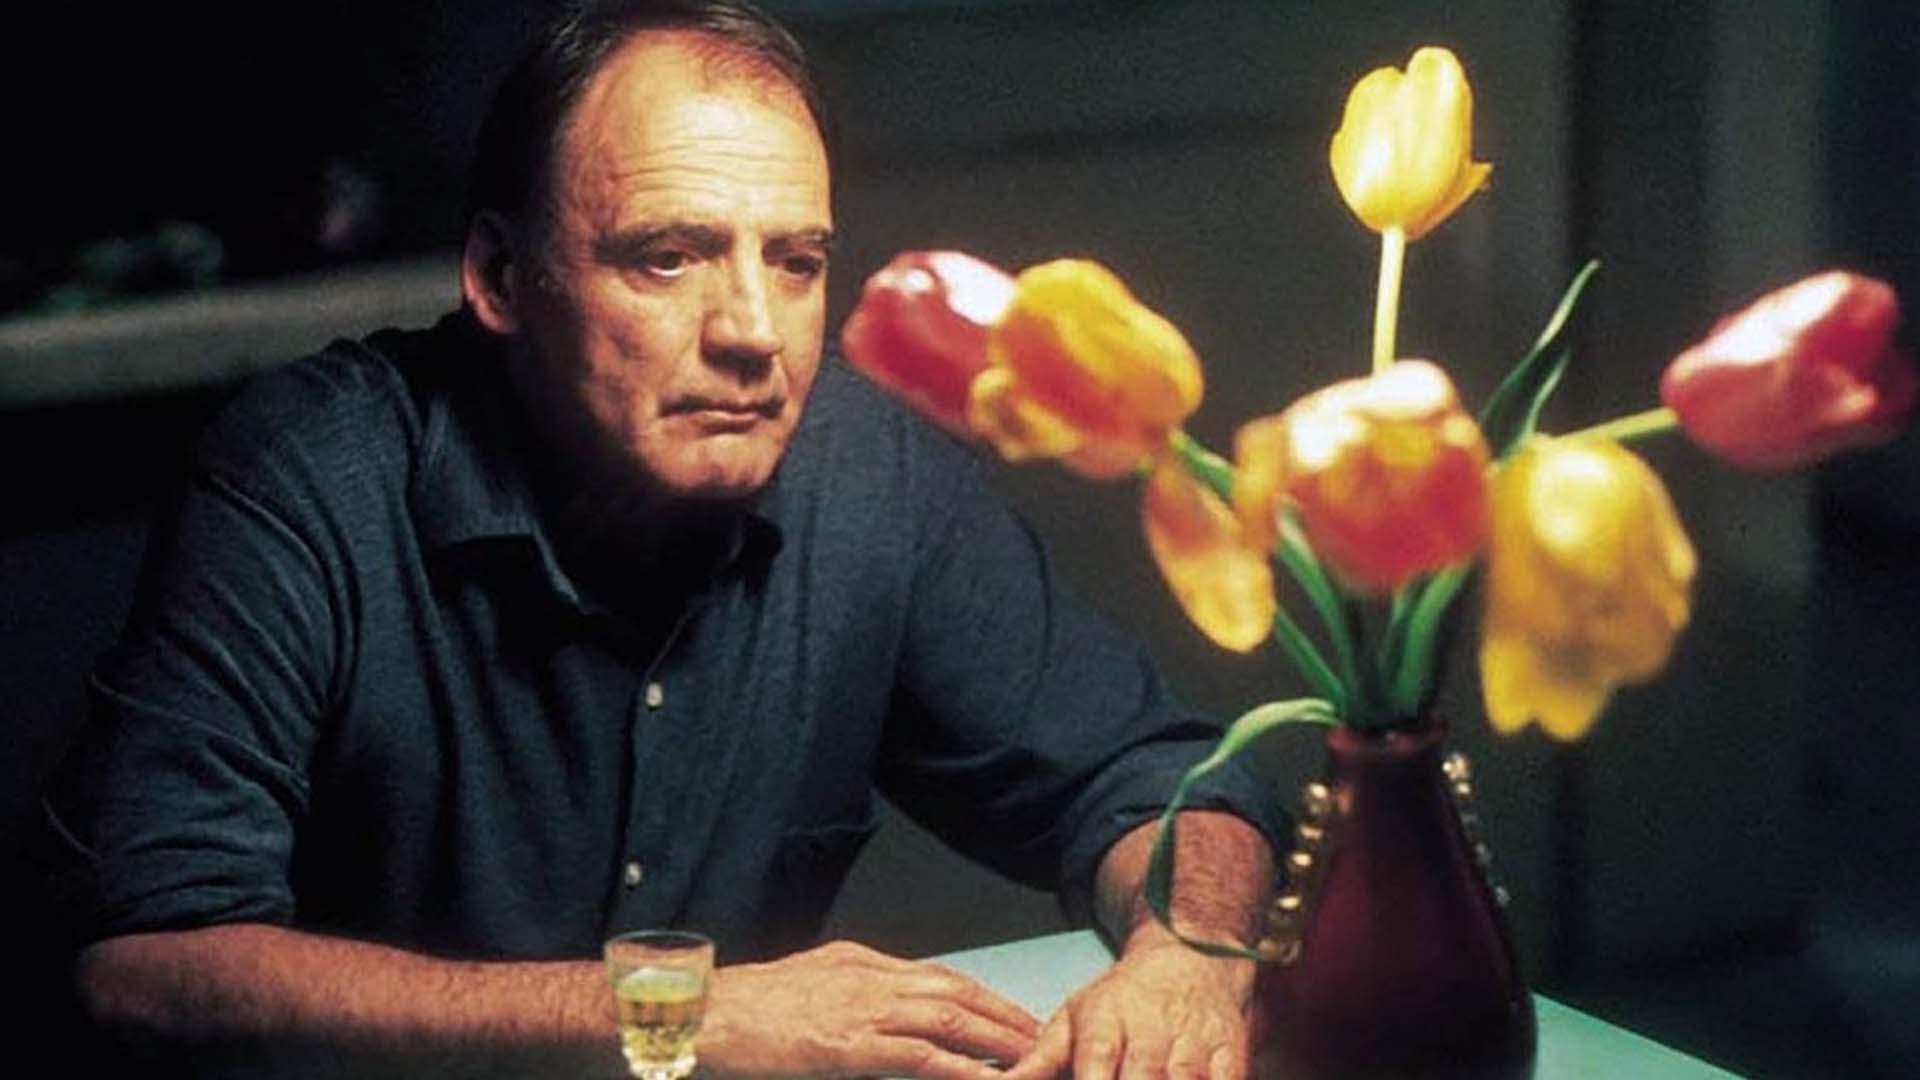 Bruno Ganz in Pane e tulipani